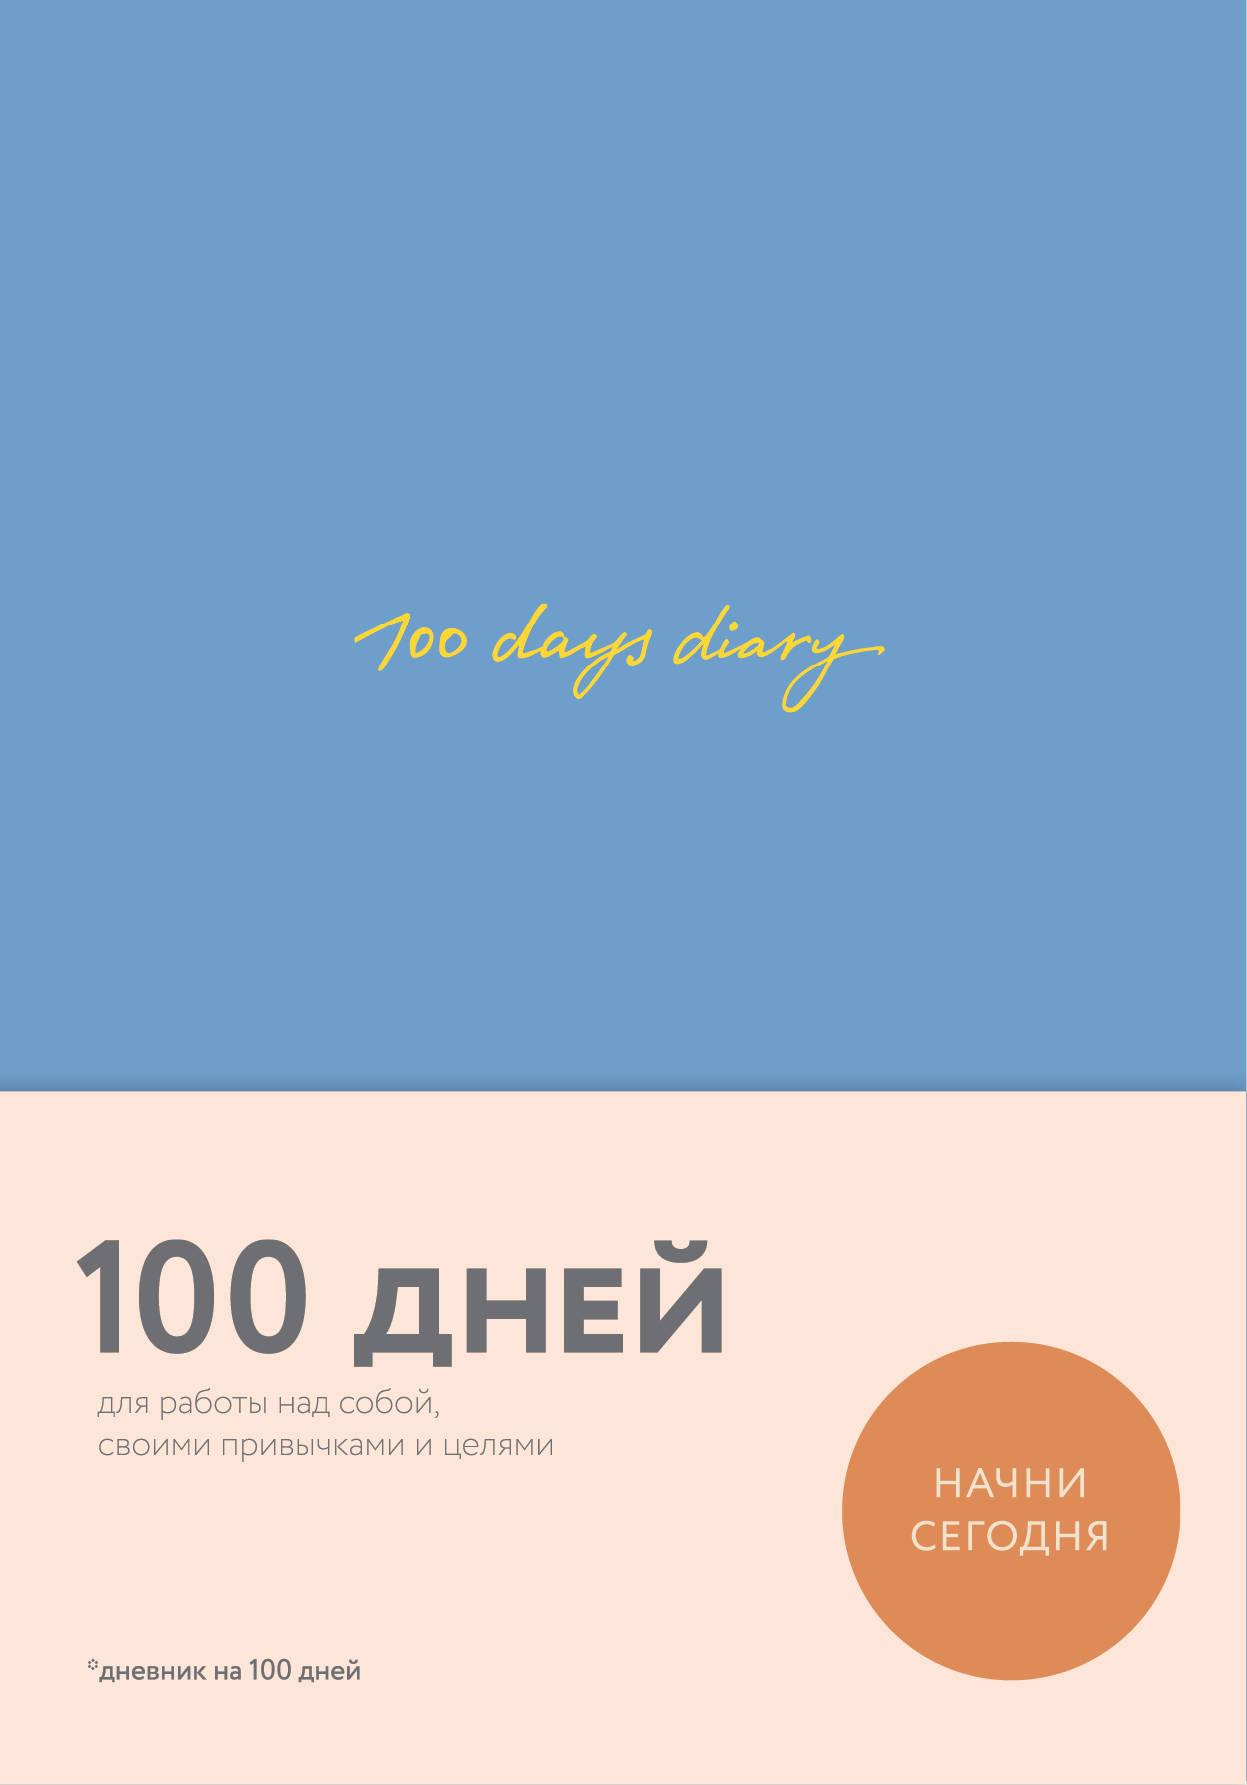 Варя Веденеева 100 days diary. Ежедневник на 100 дней, для работы над собой желай делай ежедневник